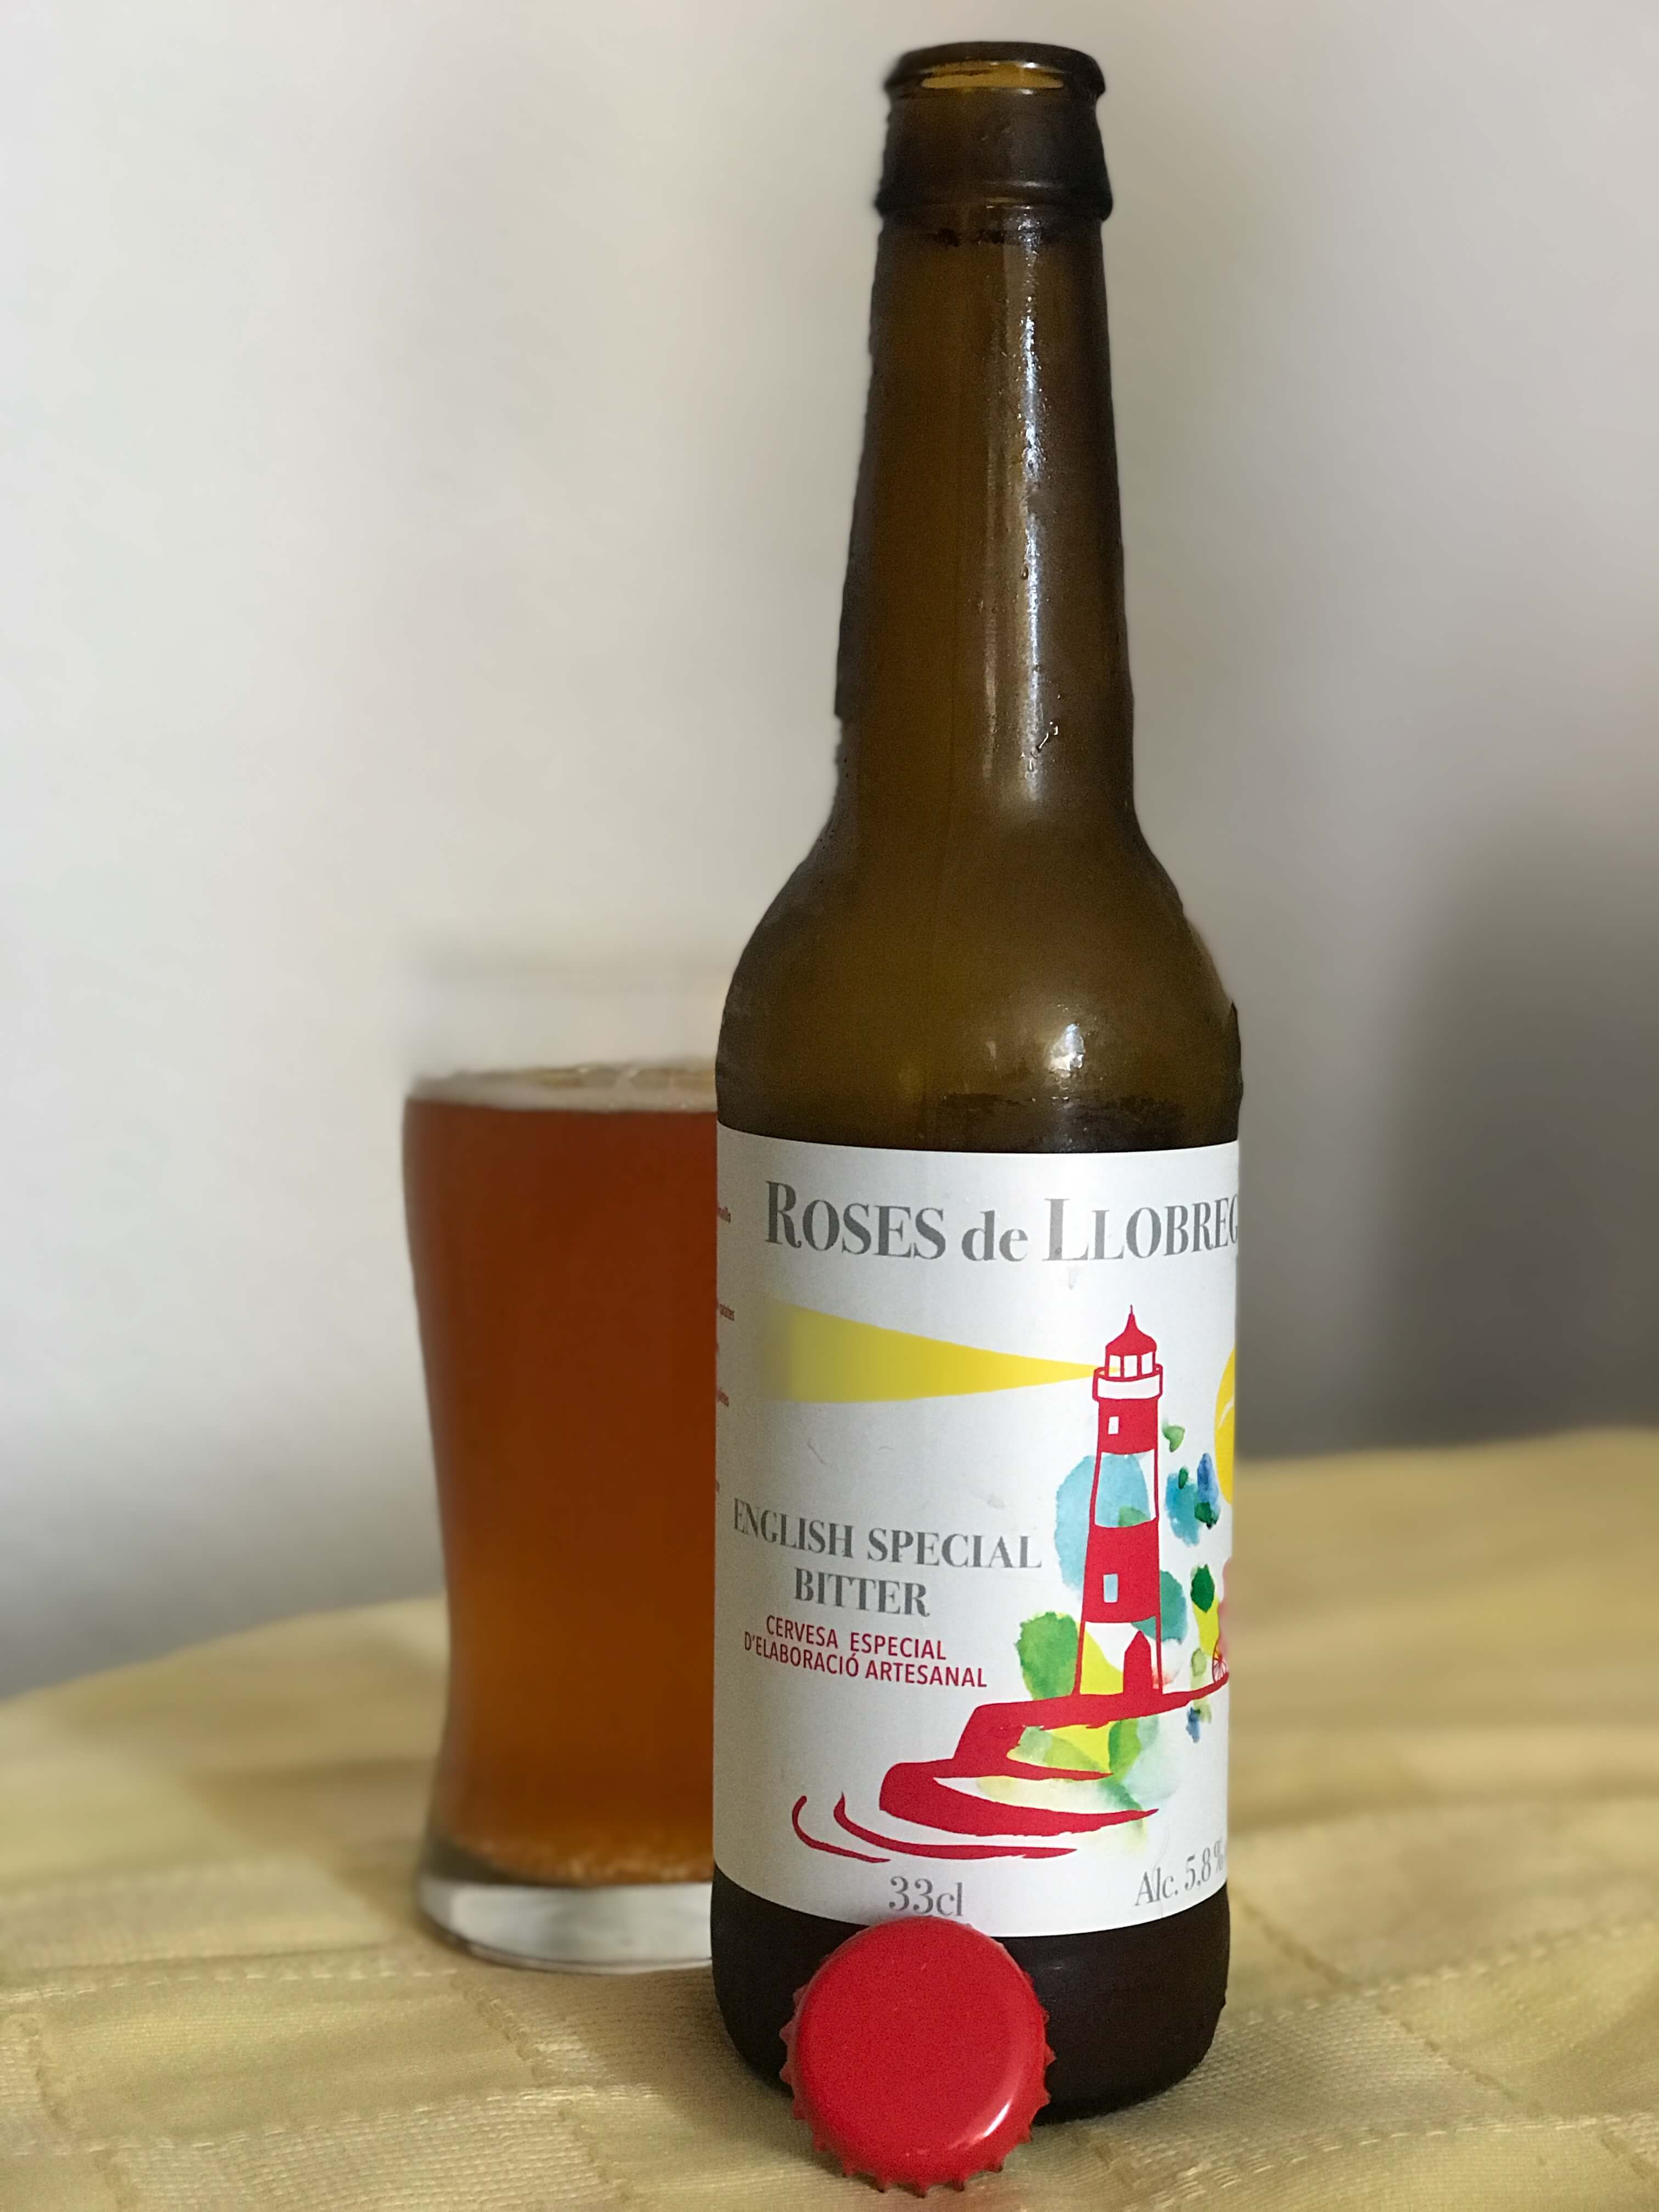 English Special Bitter - Roses de Llobregat